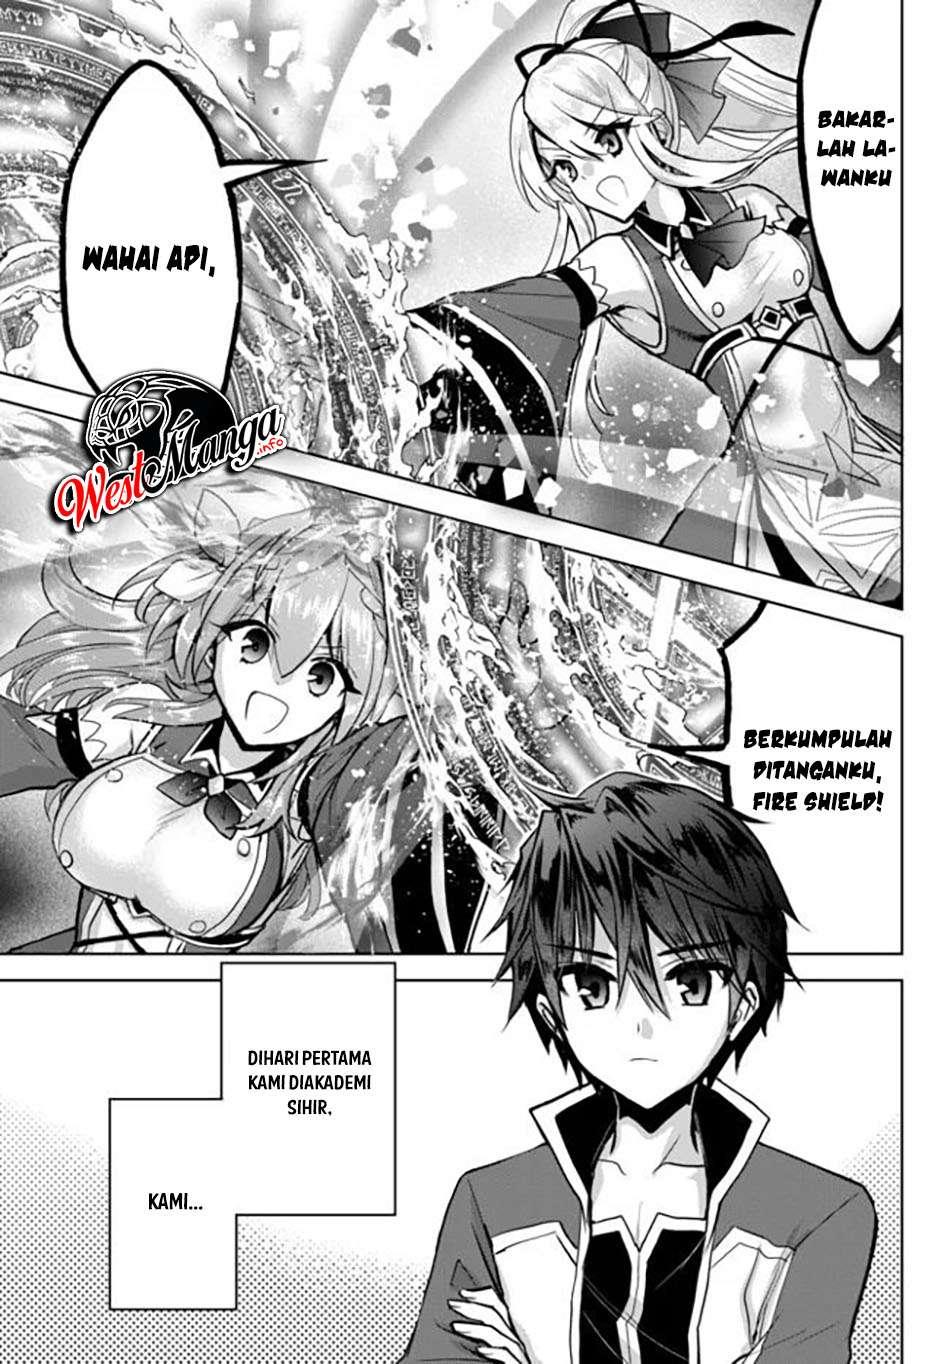 Nishuume Cheat no Tensei Madoushi: Saikyou ga 1000-nengo ni Tensei Shitara, Jinsei Yoyuu Sugimashita: Chapter 04.1 - Page 1